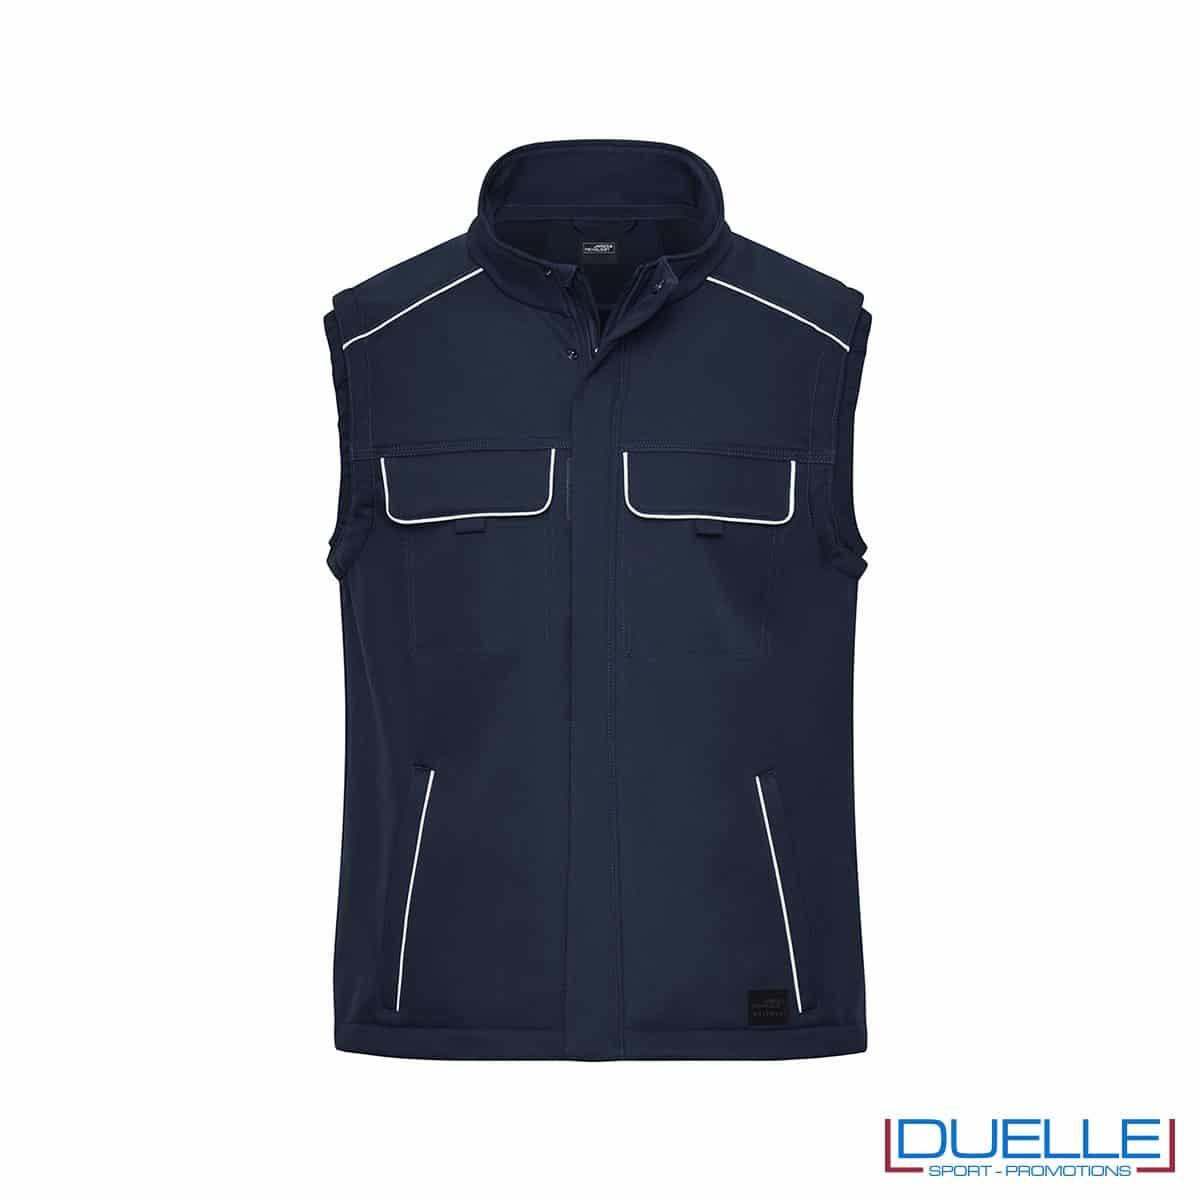 Gilet personalizzato da lavoro in colore blu navy